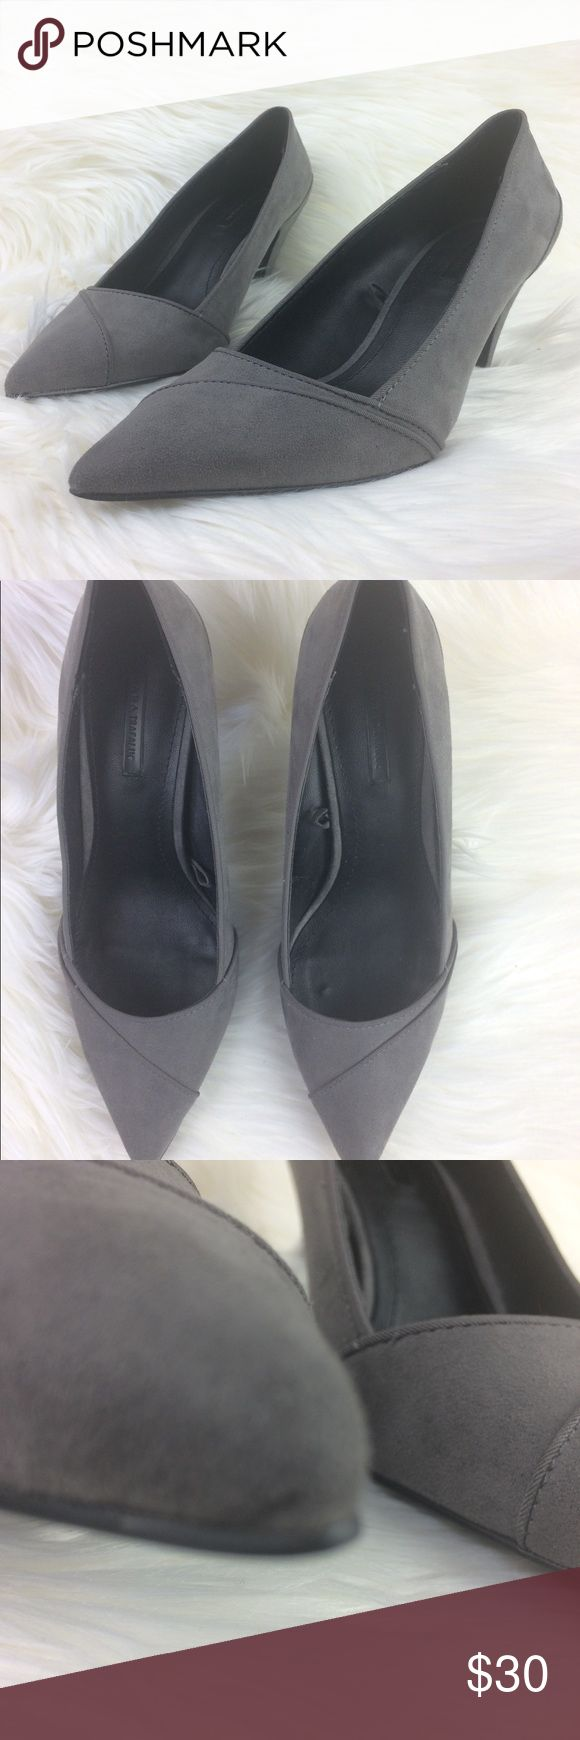 Zara Heels Zara Heels Zara Shoes Heels